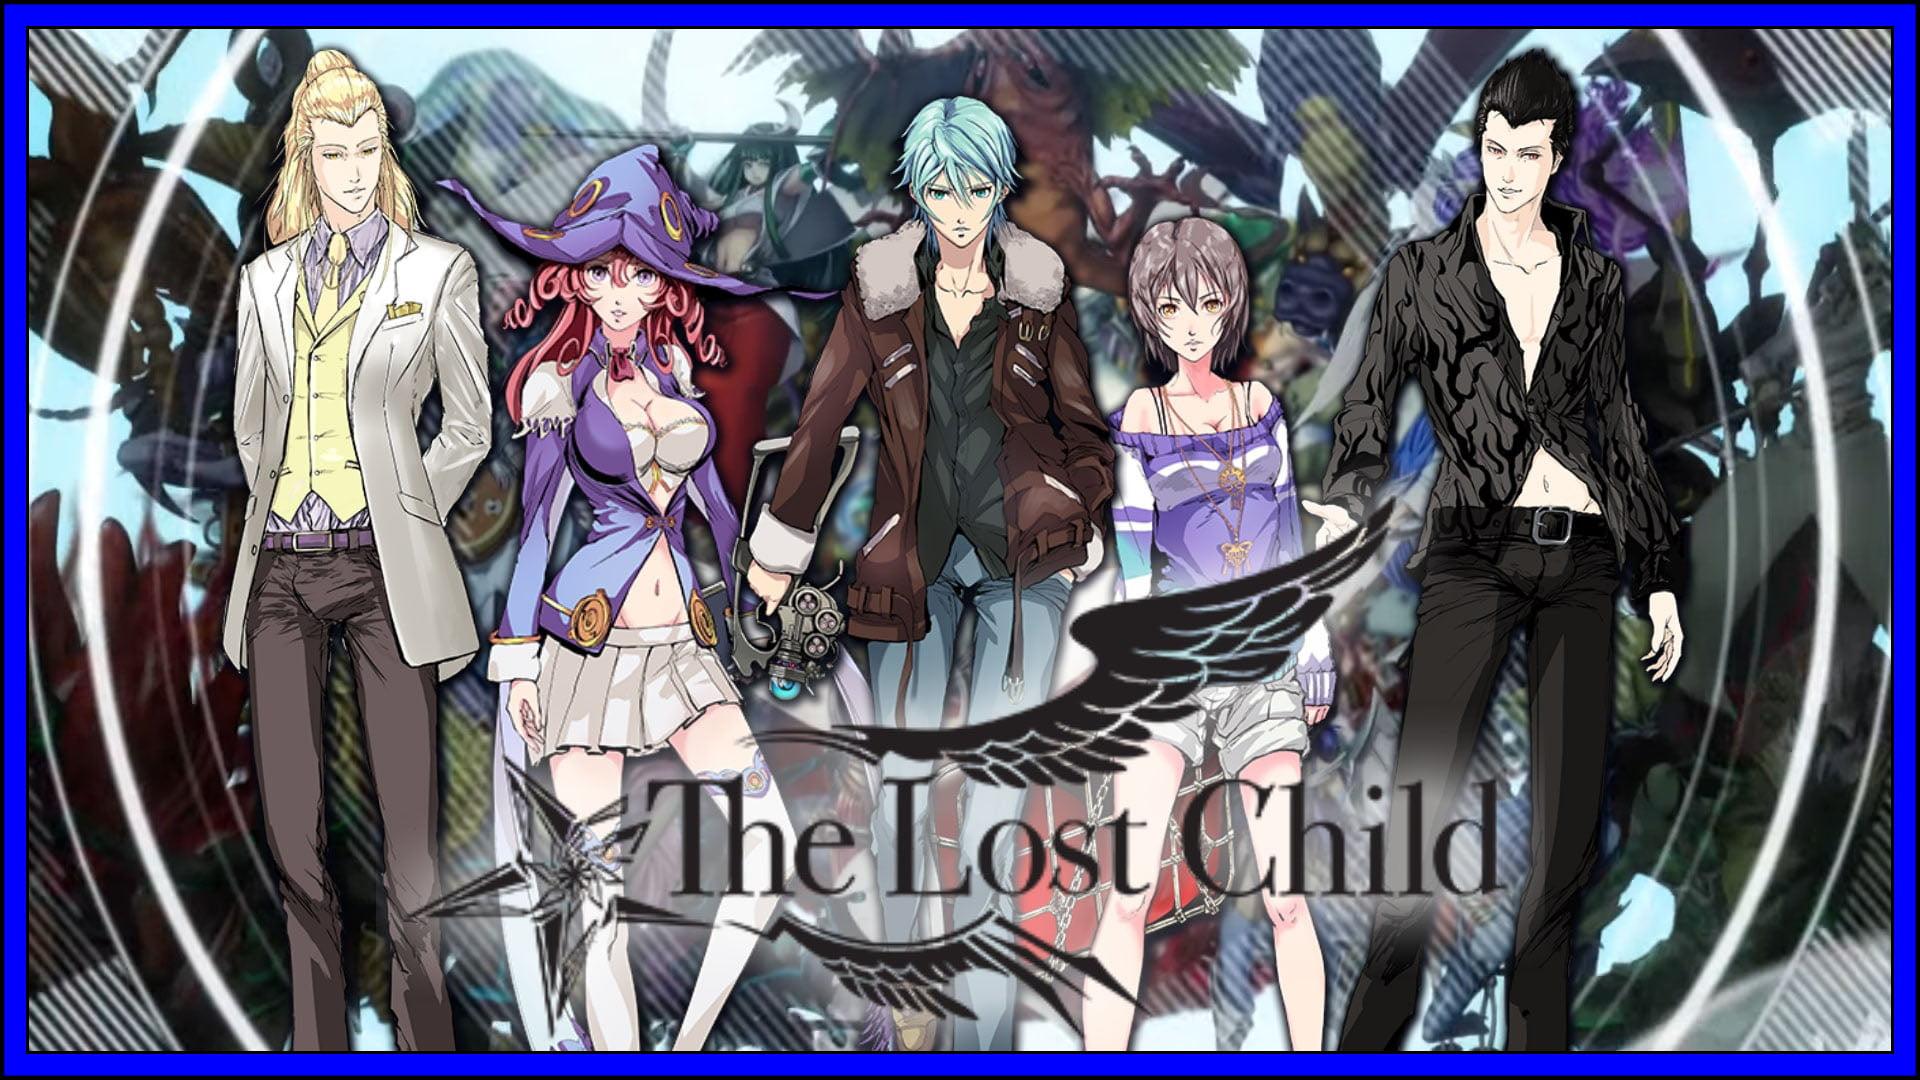 The Lost Child Fi3